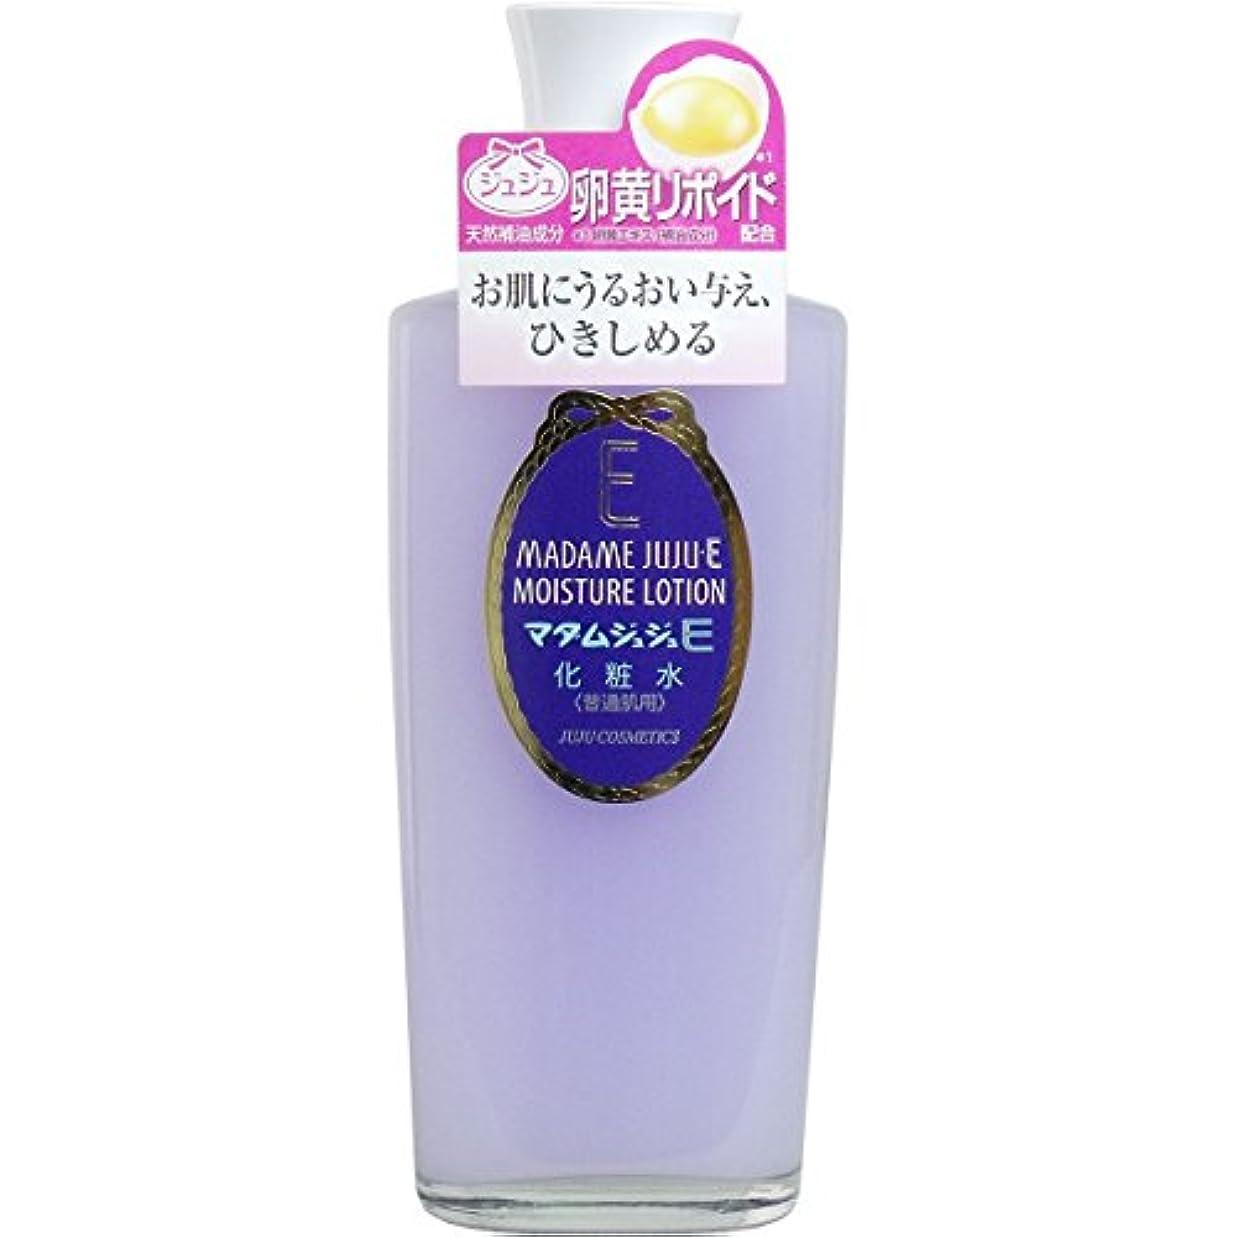 疲労見かけ上桁【ジュジュ化粧品】マダムジュジュE 化粧水 150ml